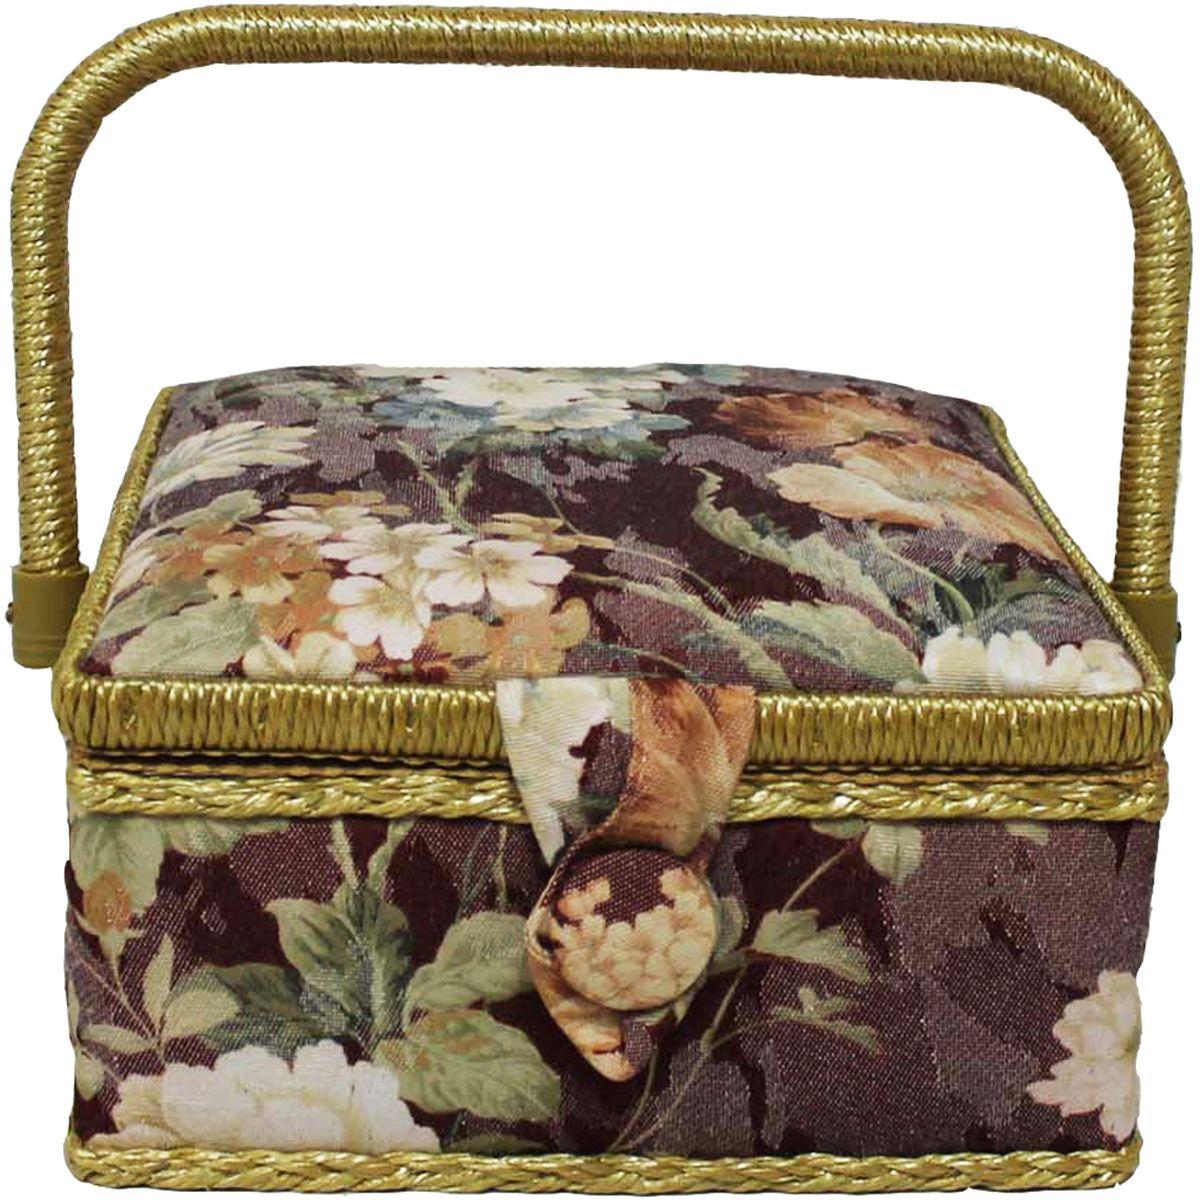 Шкатулка для рукоделия Grace & Glamour, 20 х 20 х 11 см. BN4723BN4723Гобеленовая шкатулка из коллекции Цветы на бордовом выполнена с использованием натуральных материалов: каркас из дерева обтянут дизайнерской тканью (100% хлопок) с мягким наполнителем. Внутри шкатулка отделана искусственным шелком, имеется кармашек на резинке и шелковая игольница с двумя булавками. Шкатулка оснащена пластиковым вкладышем с 3 отсеками для мелочей. Ручка и края отделаны натуральным ротангом, который не только украшает шкатулку, но и оберегает края. Шкатулка поможет рукодельнице сорганизовать свое рабочее место, а значит, сократить время на создание своего творения. А кроме того, украсит любой интерьер и будет радовать свою обладательницу долгие годы благодаря качественному исполнению и материалам. Прекрасный подарок любой женщине!